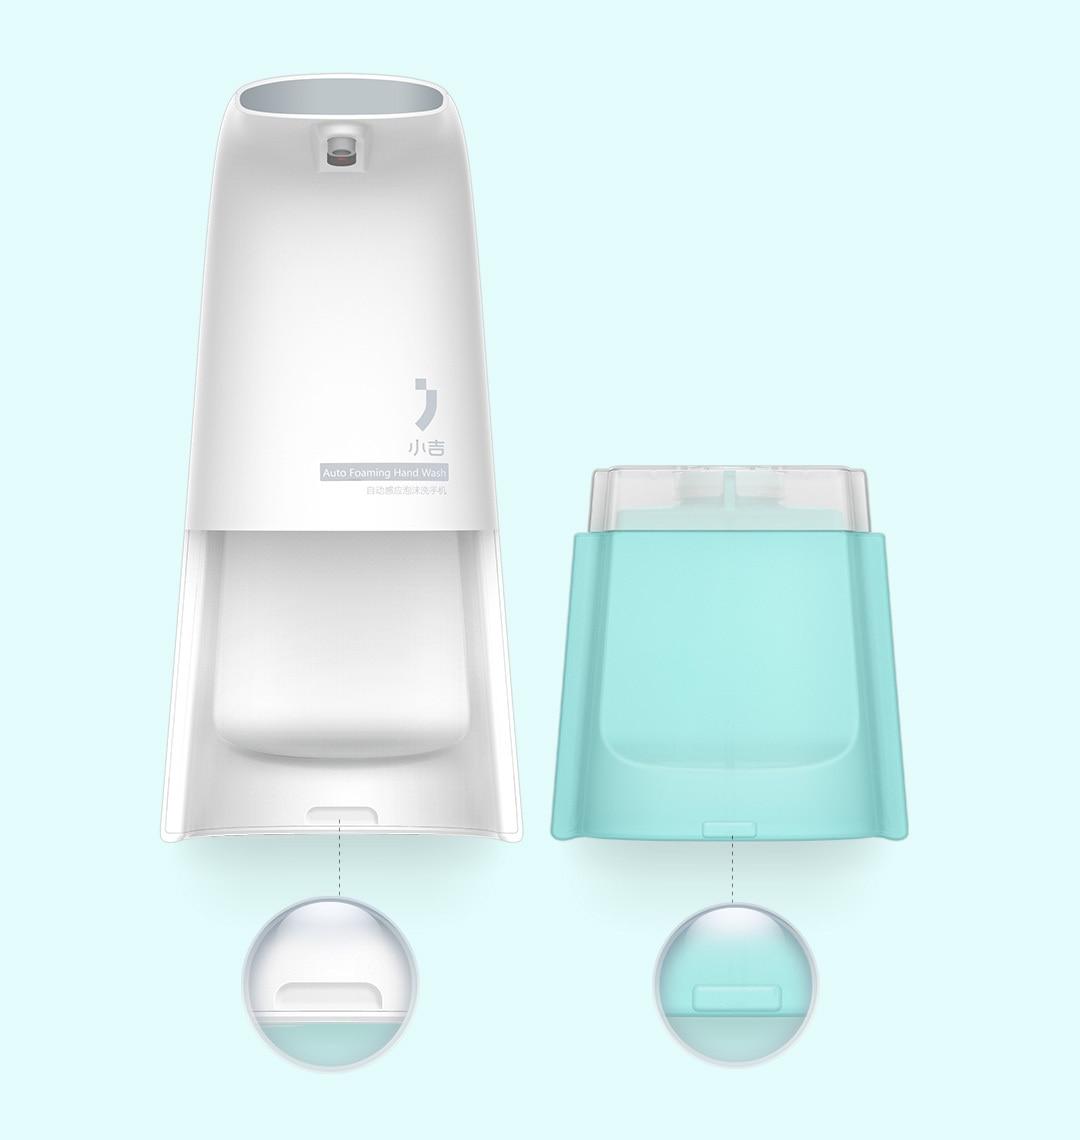 Automaticamente Touchless Schiuma Piatto Inducs Lavaggio Schiuma Dispenser di Sapone Sensore Intelligente Disinfettante Dispensador Per Cucina Bagno